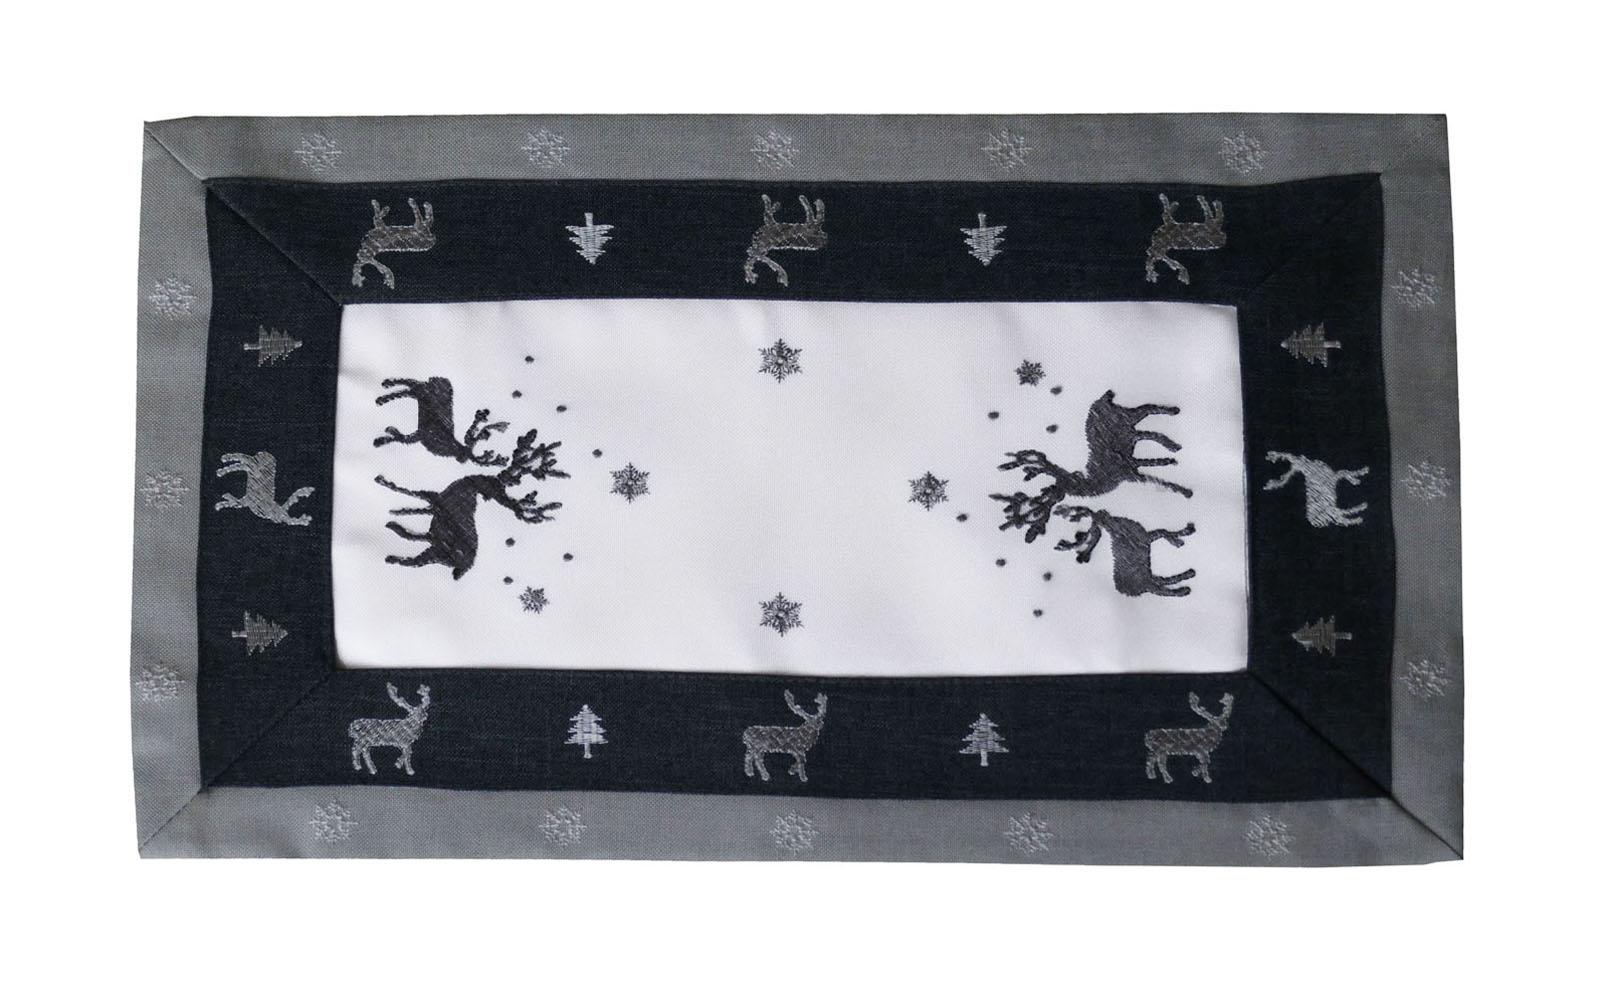 RENTIER Grau Weiß Aufleger 30x45 cm Leinenoptik Weihnachten